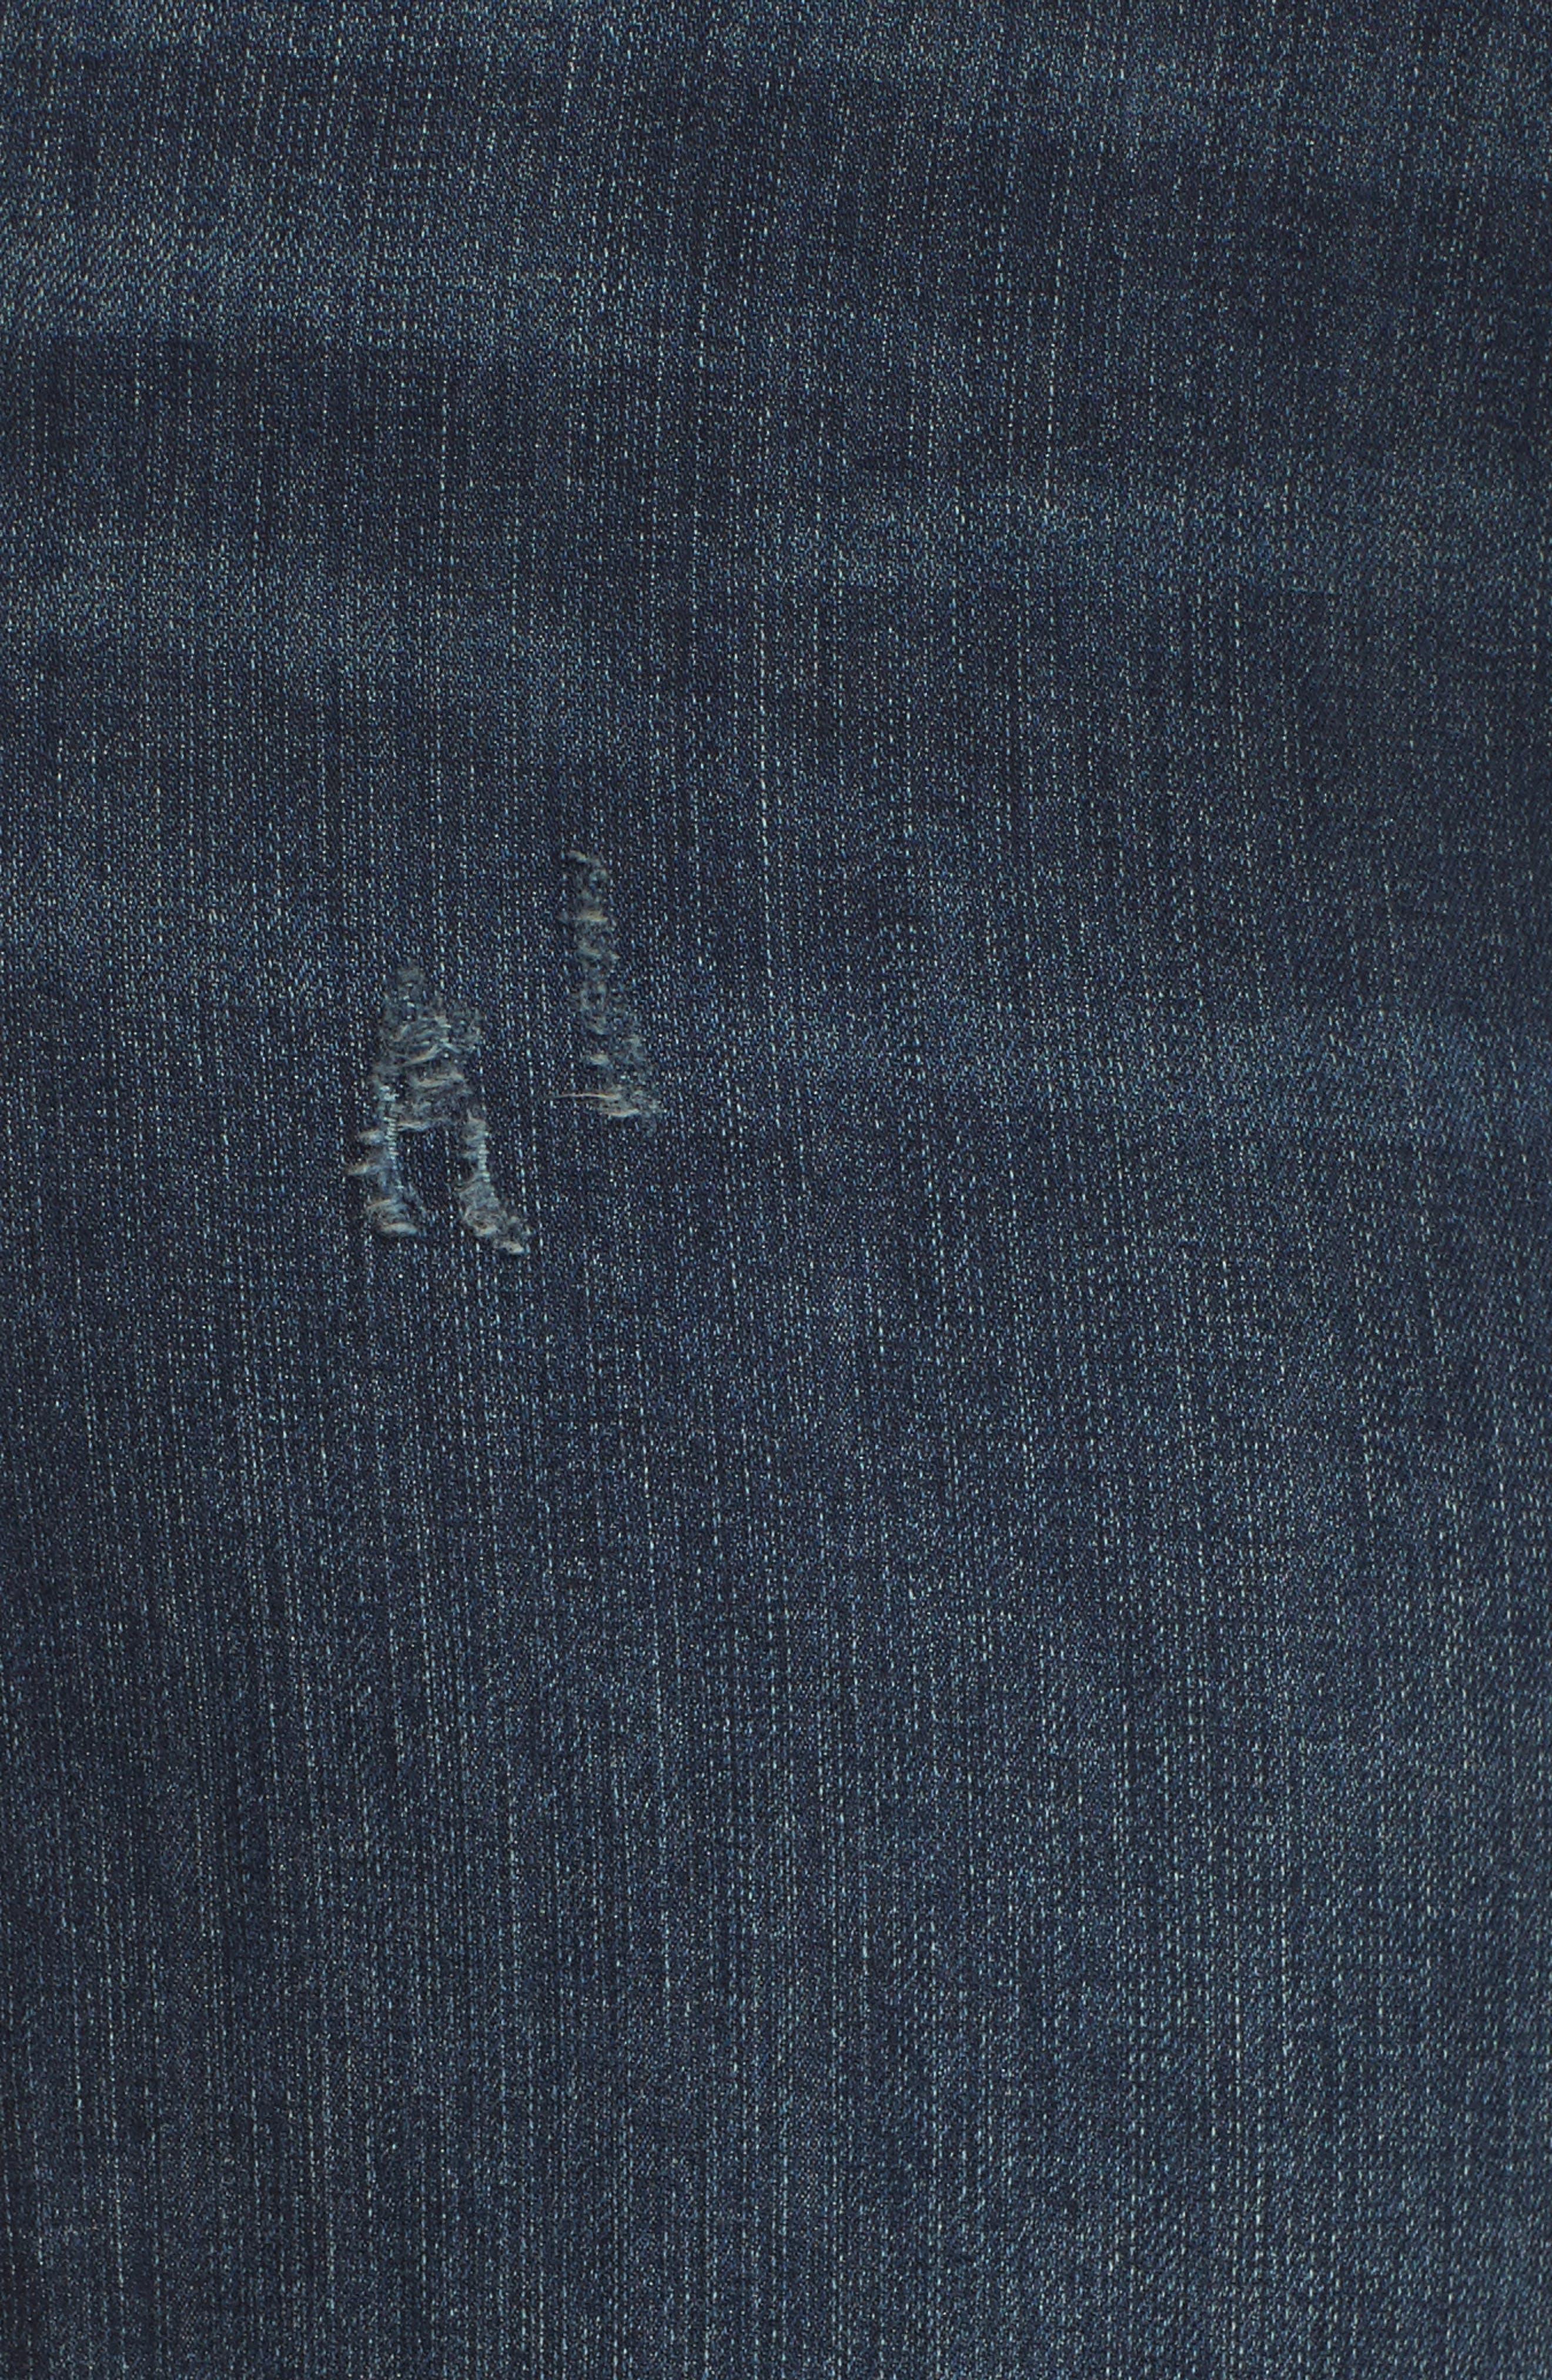 Boyfriend Jeans,                             Alternate thumbnail 5, color,                             420